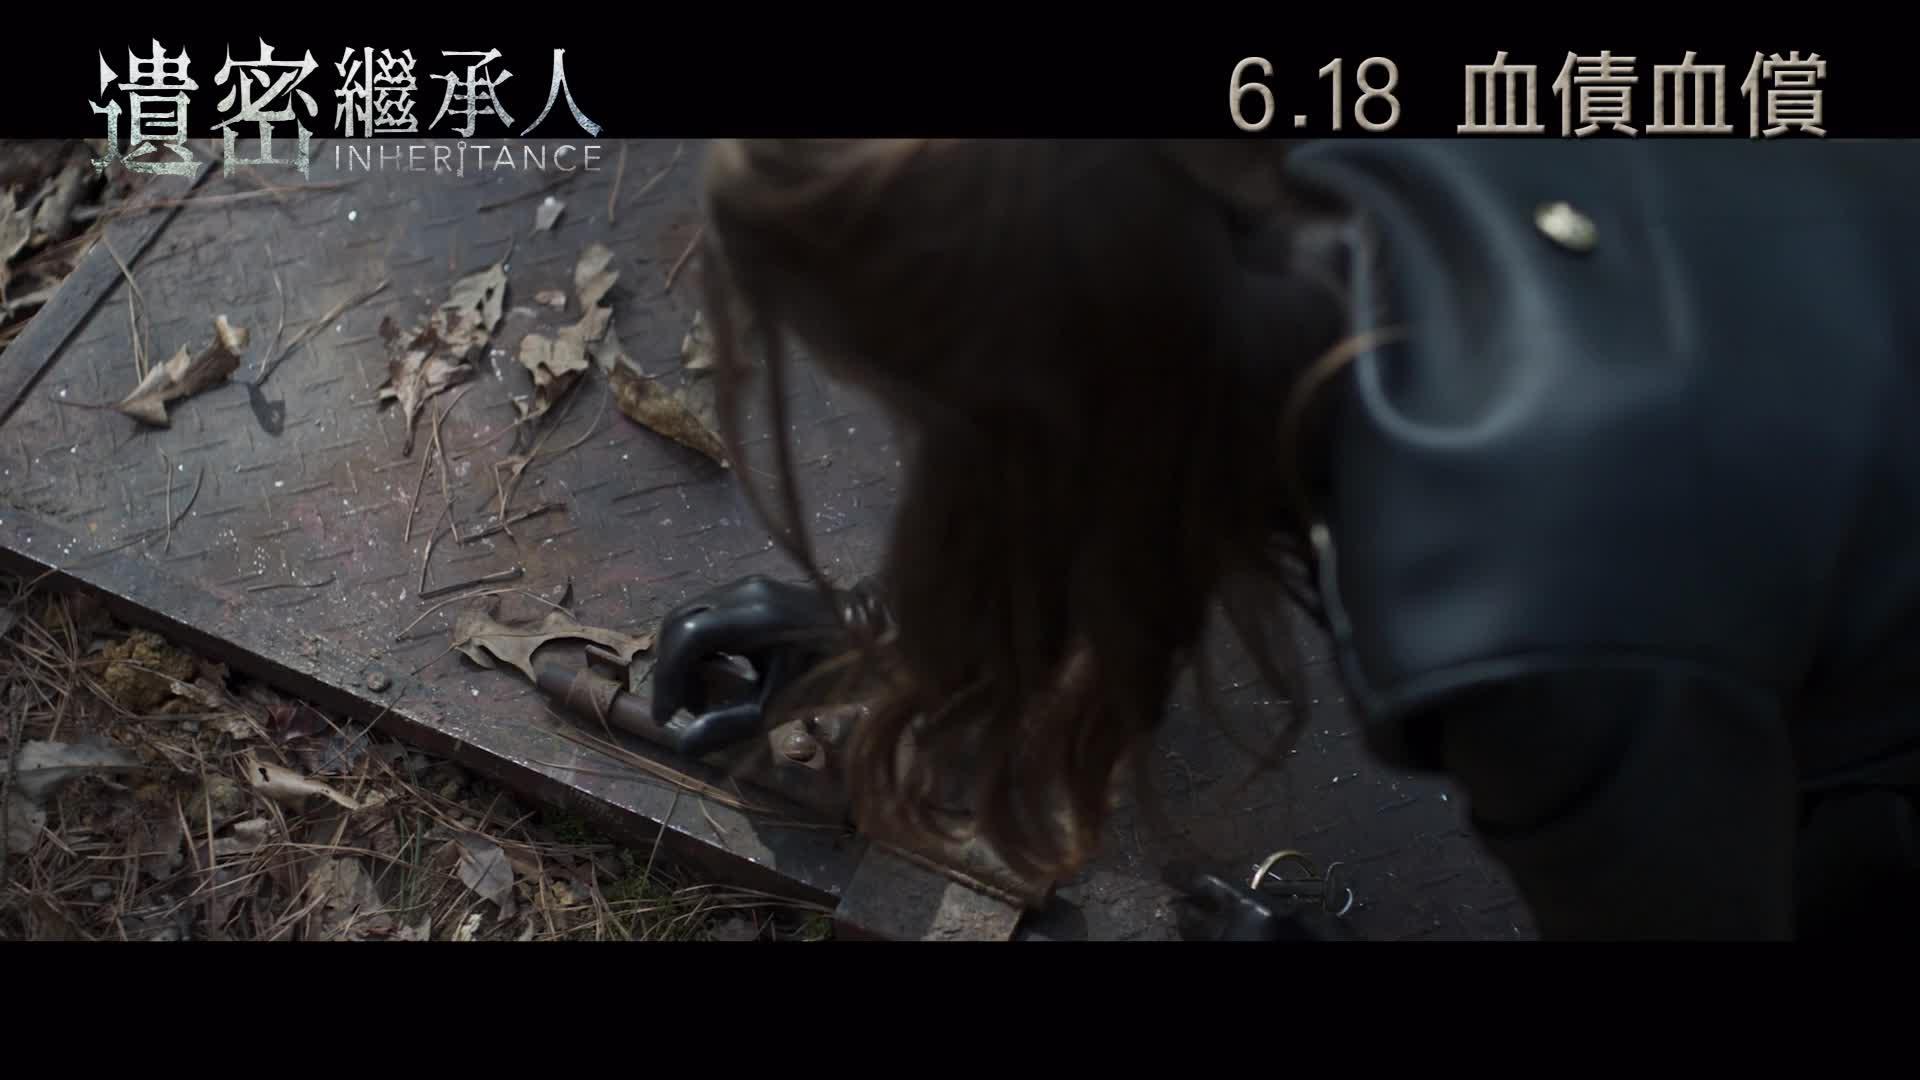 《遺密繼承人》電影預告